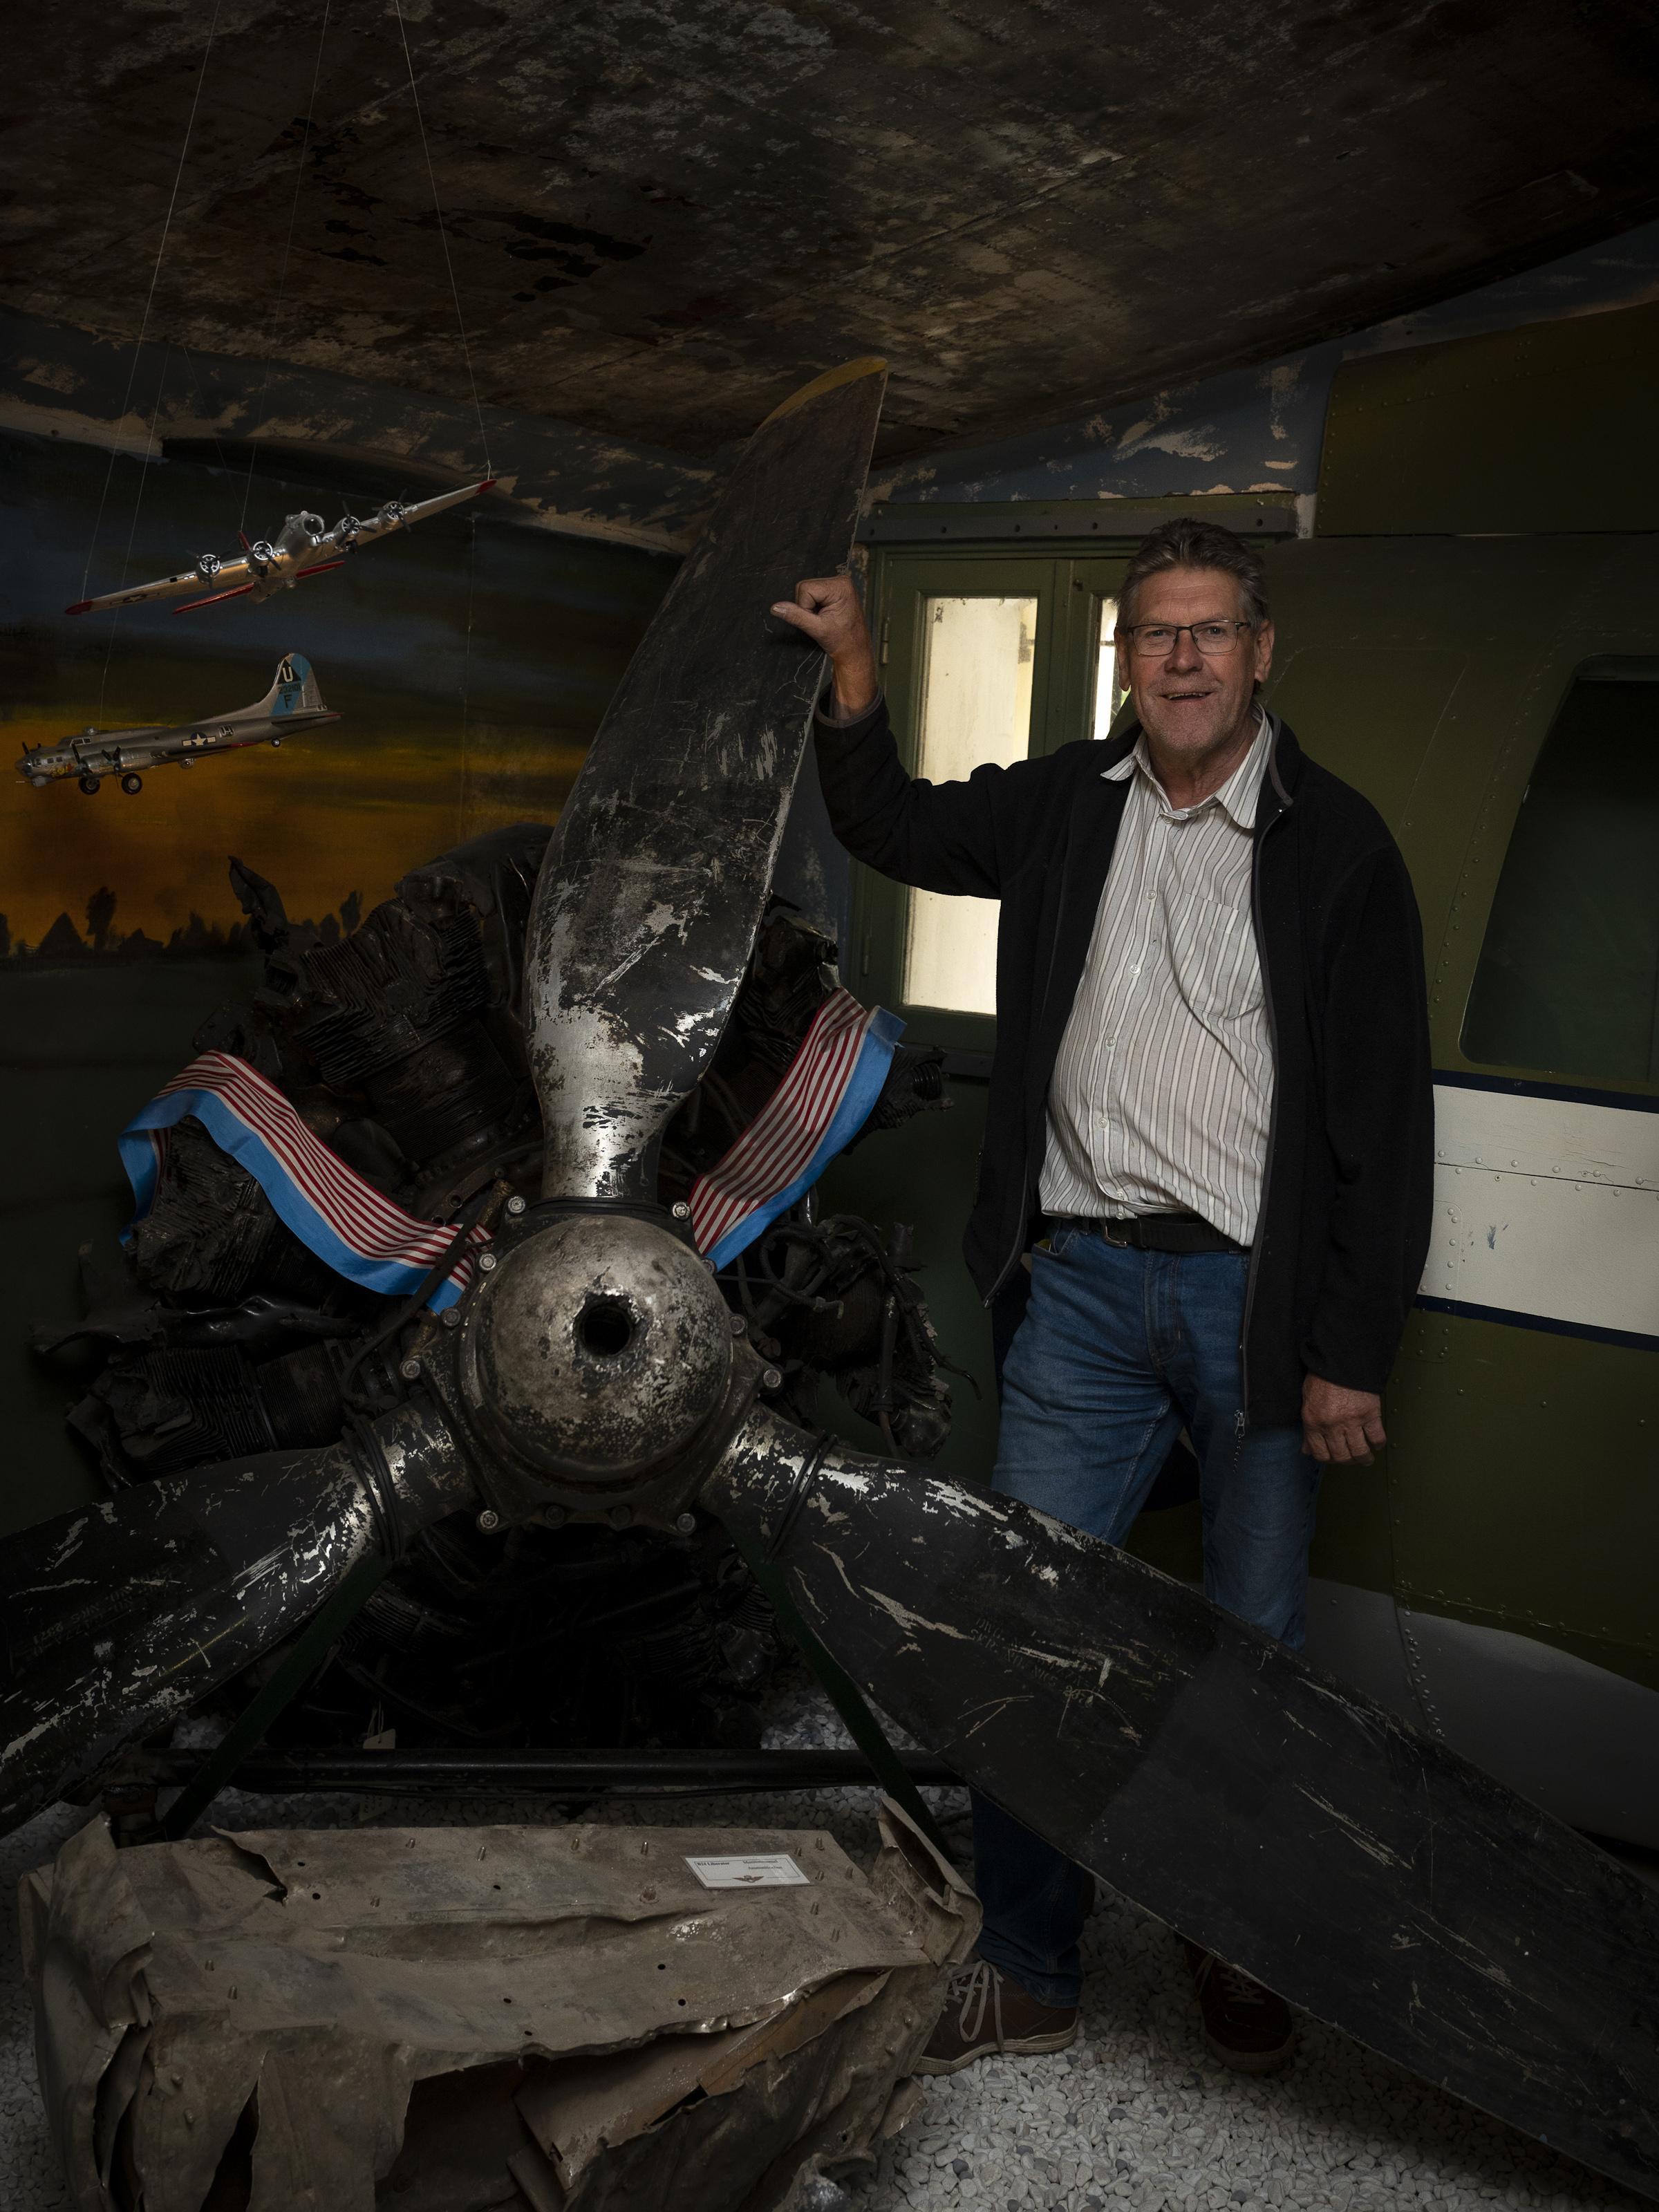 Johan Graas is de enige mens die omlaag kijkt als iemand roept: 'kijk een vliegtuig'; Assendelver al vijftig jaar op zoek naar in de oorlog neergestorte vliegtuigen